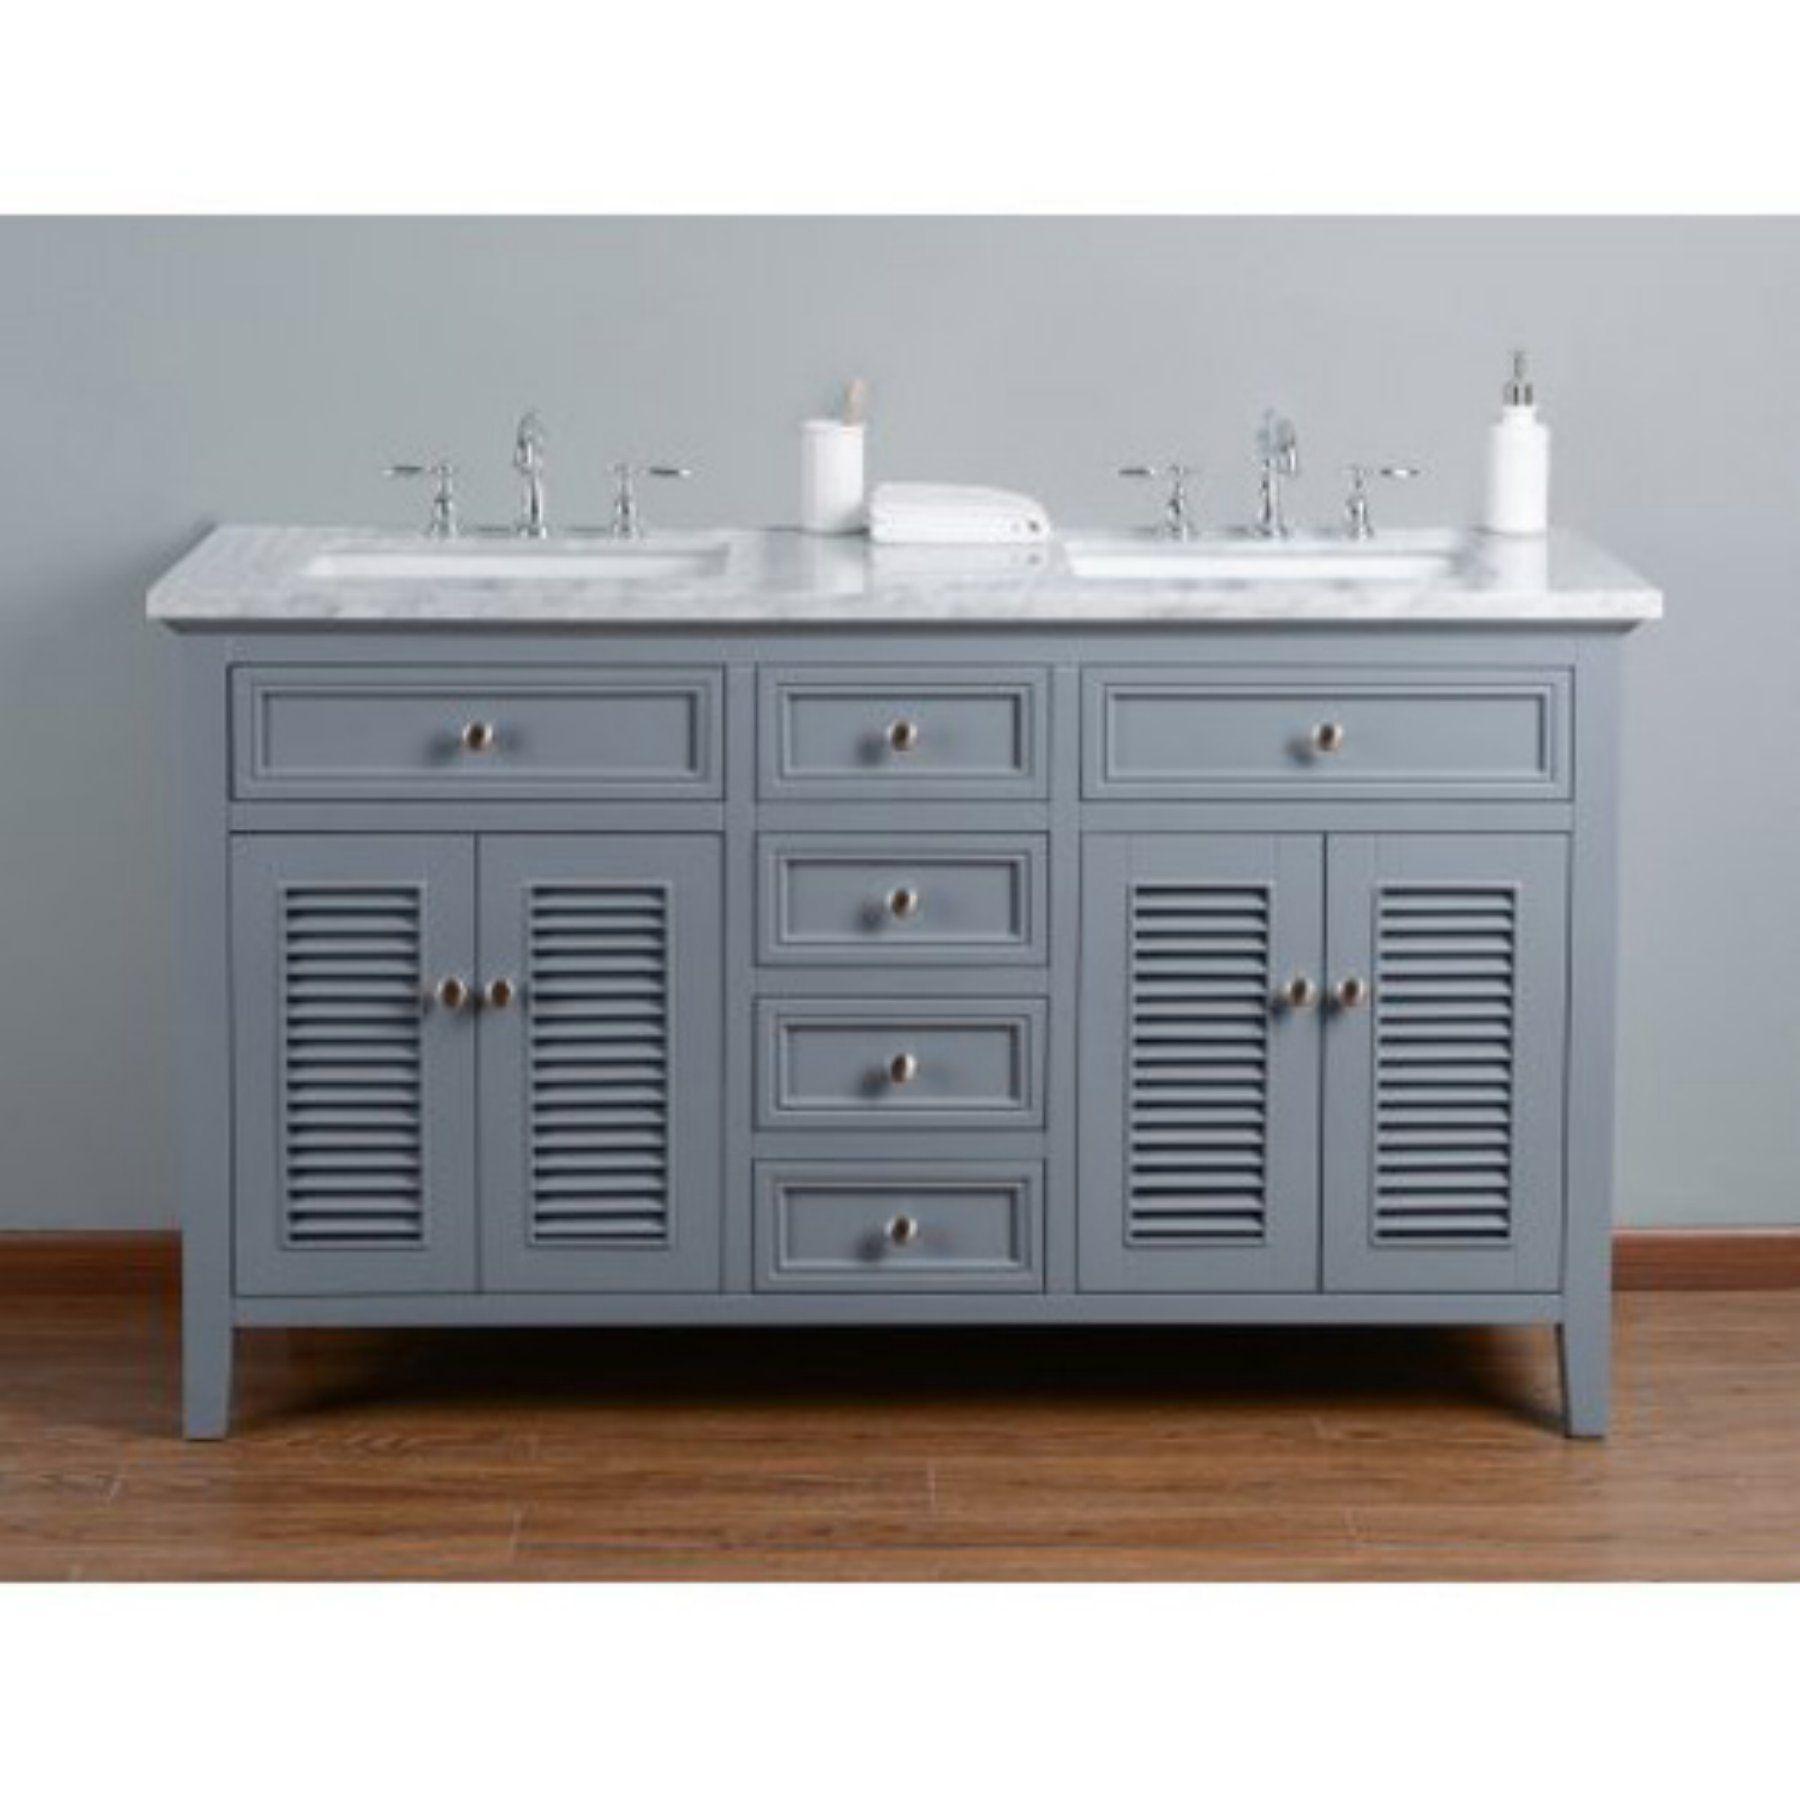 Double Sink Bathroom Vanity With Shutter Double Doors  75Cc039475D6426Dbf367Eb558D7Ef13